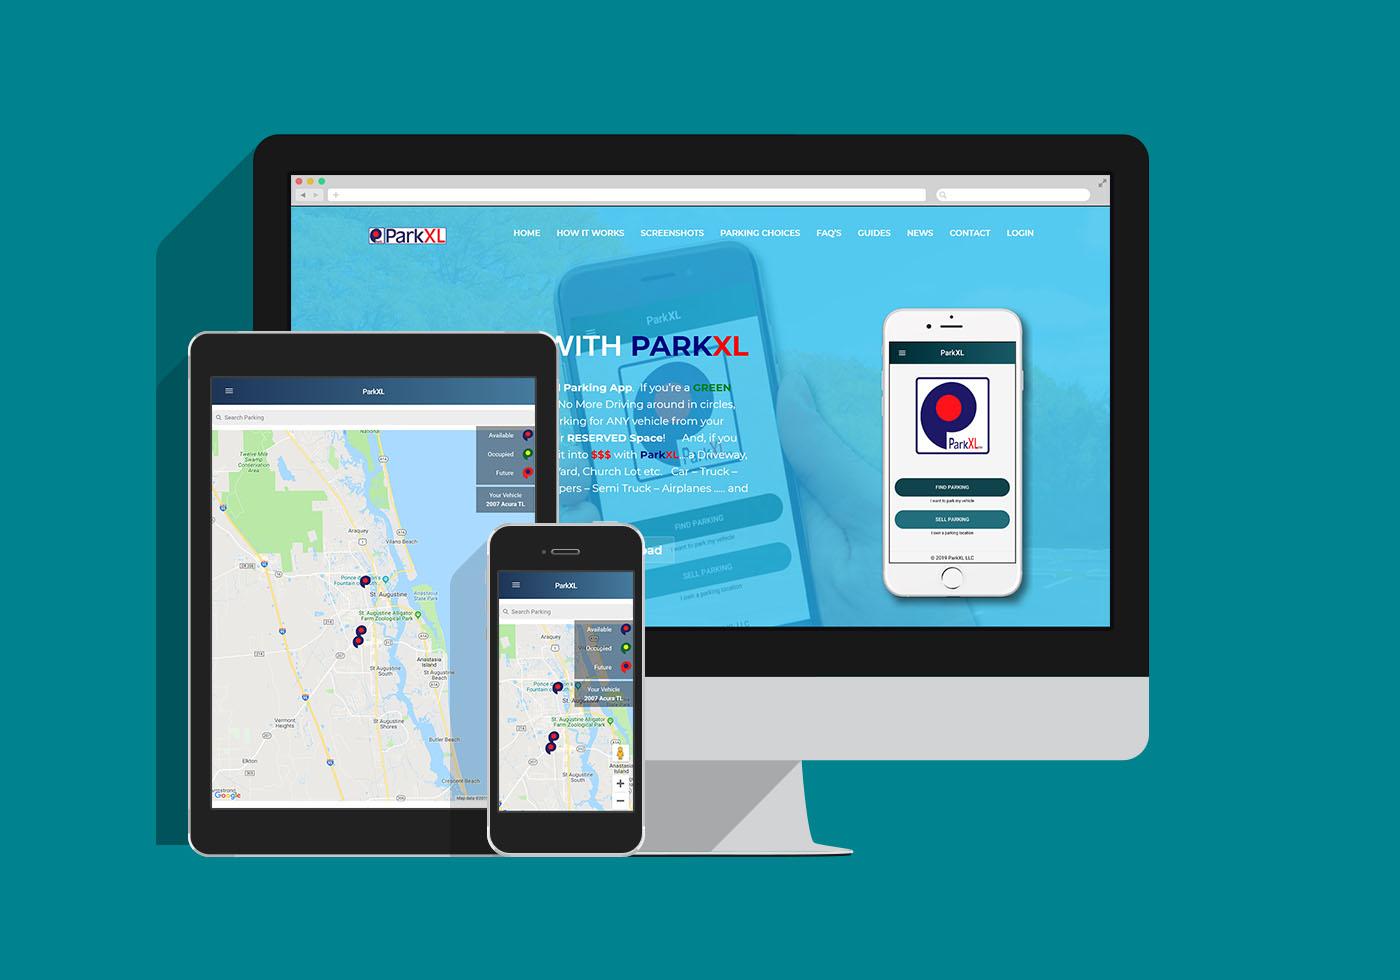 ParkXL Mobile App image